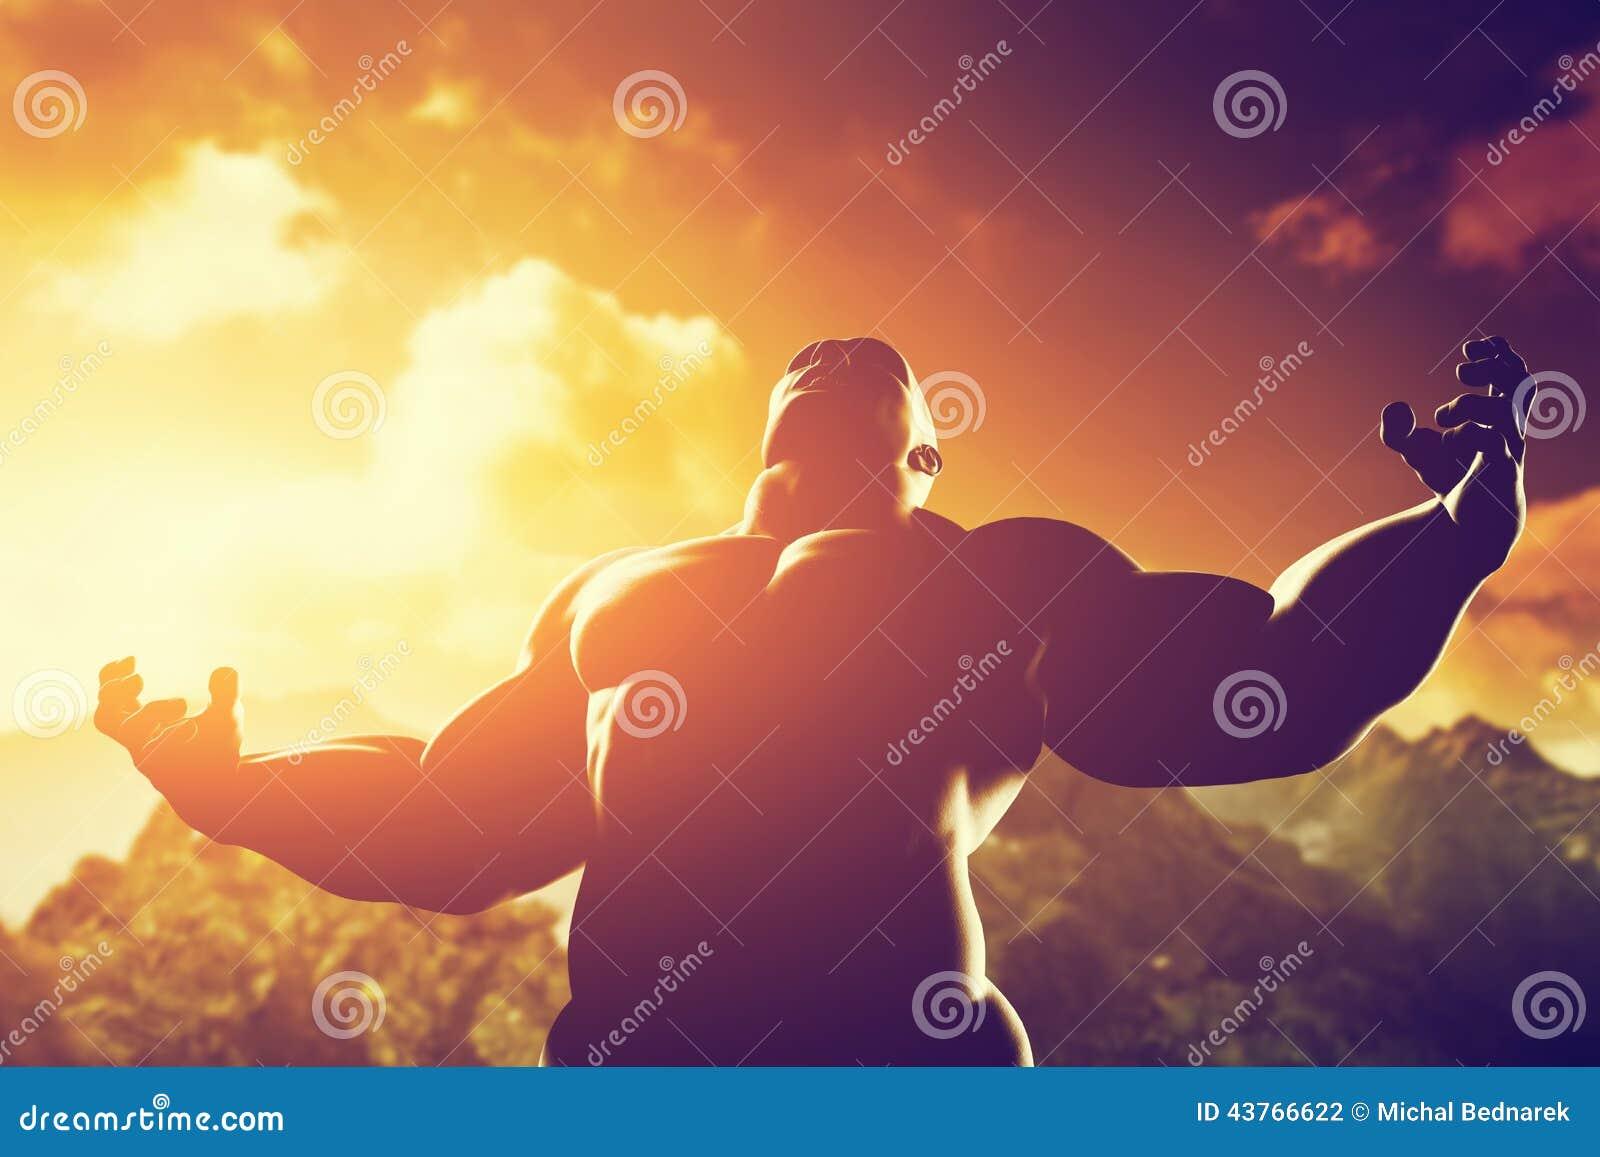 Les produits augmentant la puissance pour hommes